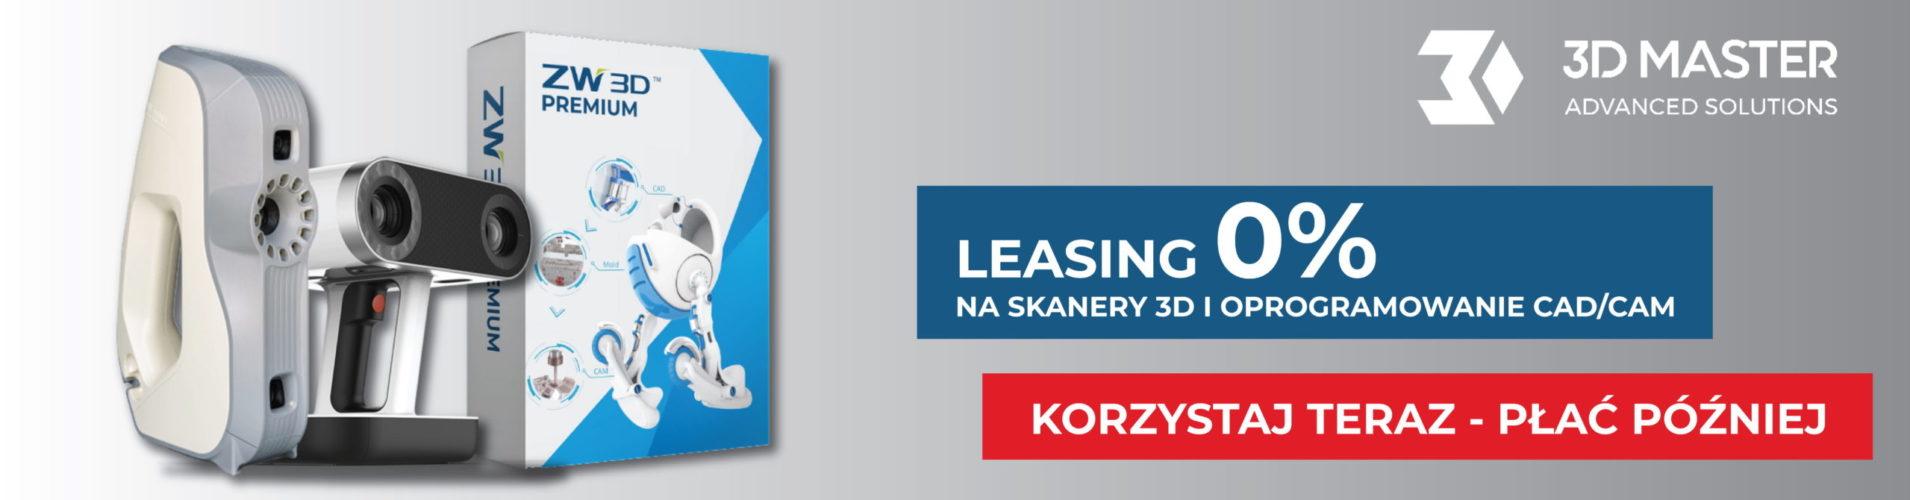 Leasing na skanery 3D